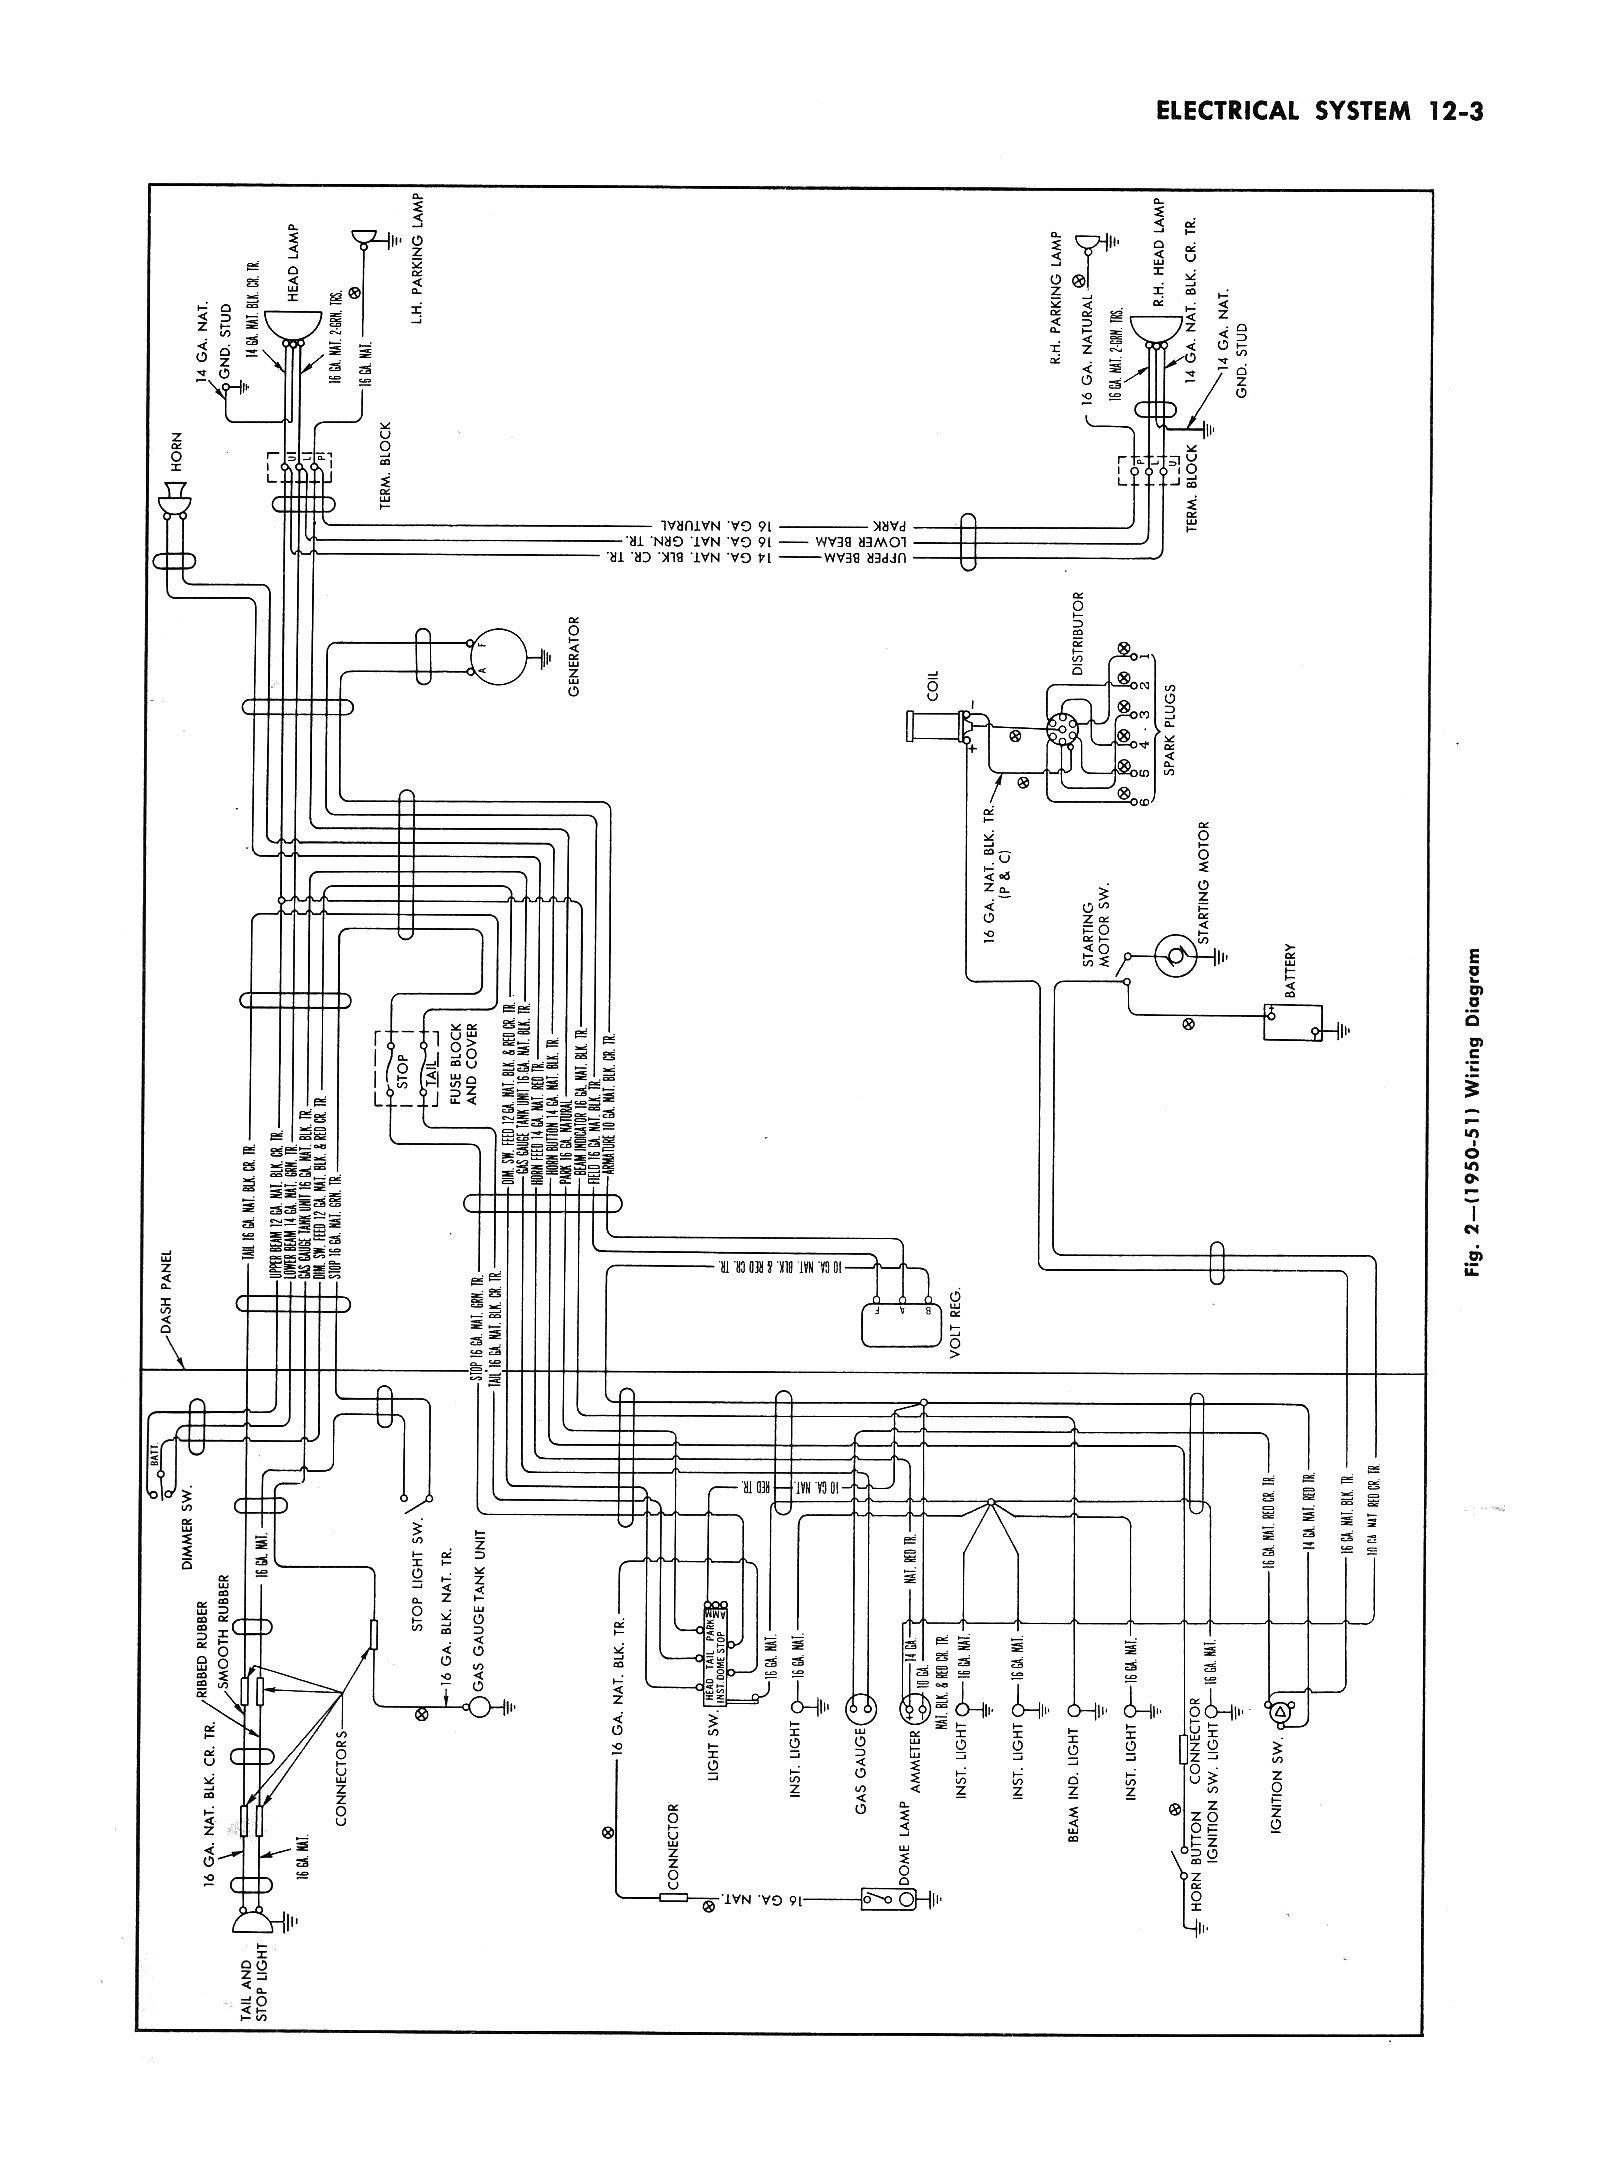 1937 International Truck Wiring Diagram Schematic Wiring Diagram Complete Complete Lionsclubviterbo It